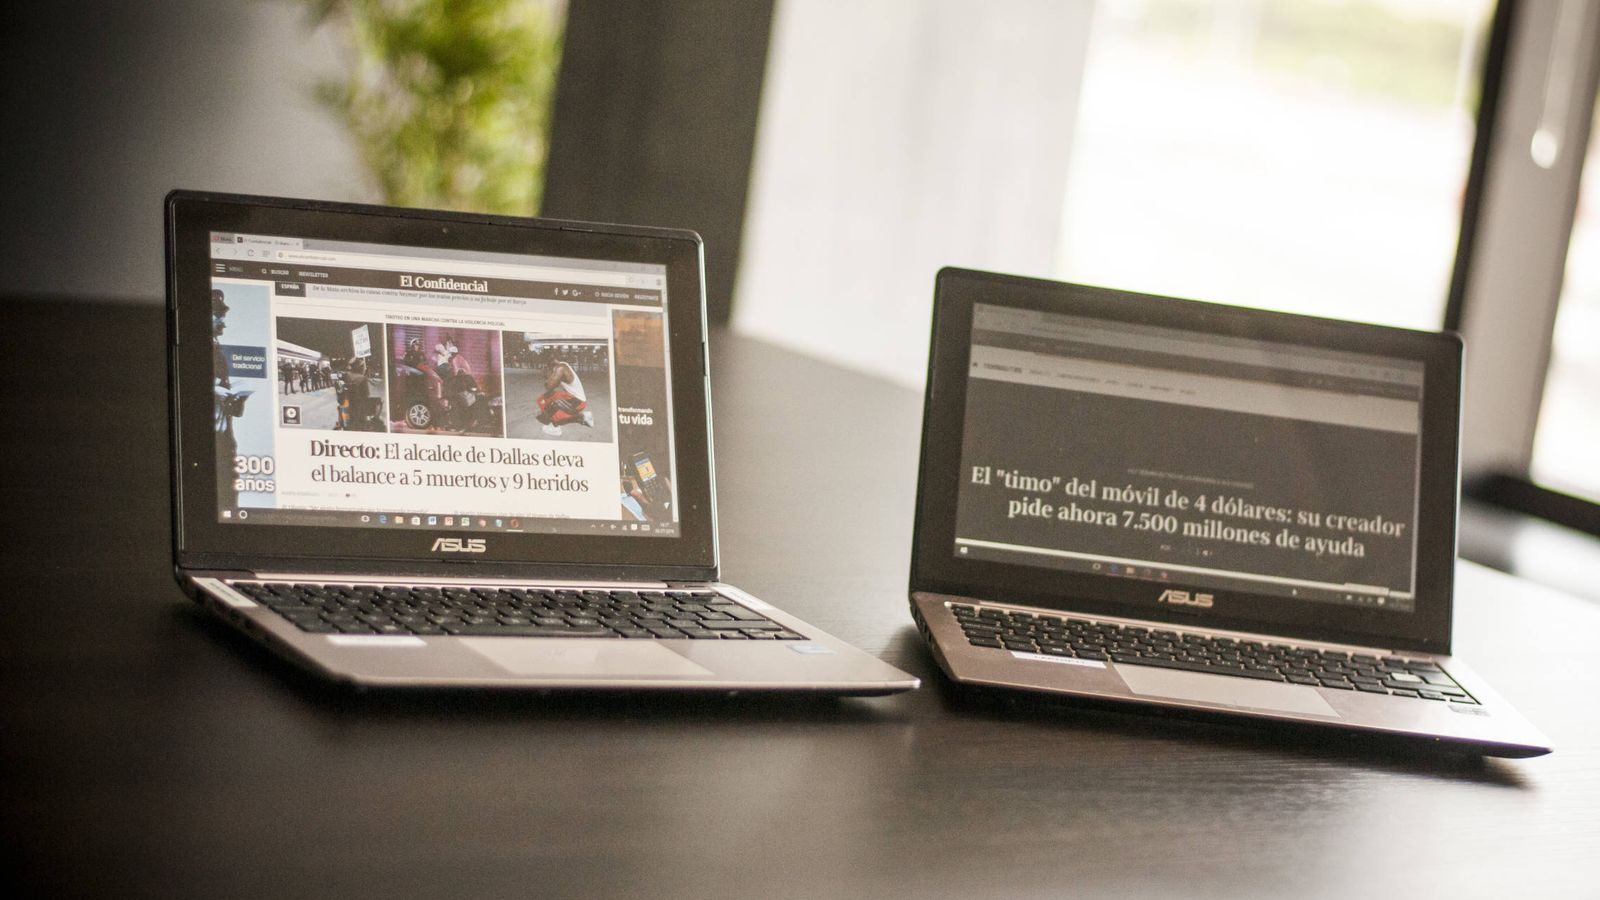 Foto: Los ordenadores con los que hemos hecho las pruebas de rendimiento de los navegadores. (Carmen Castellón)